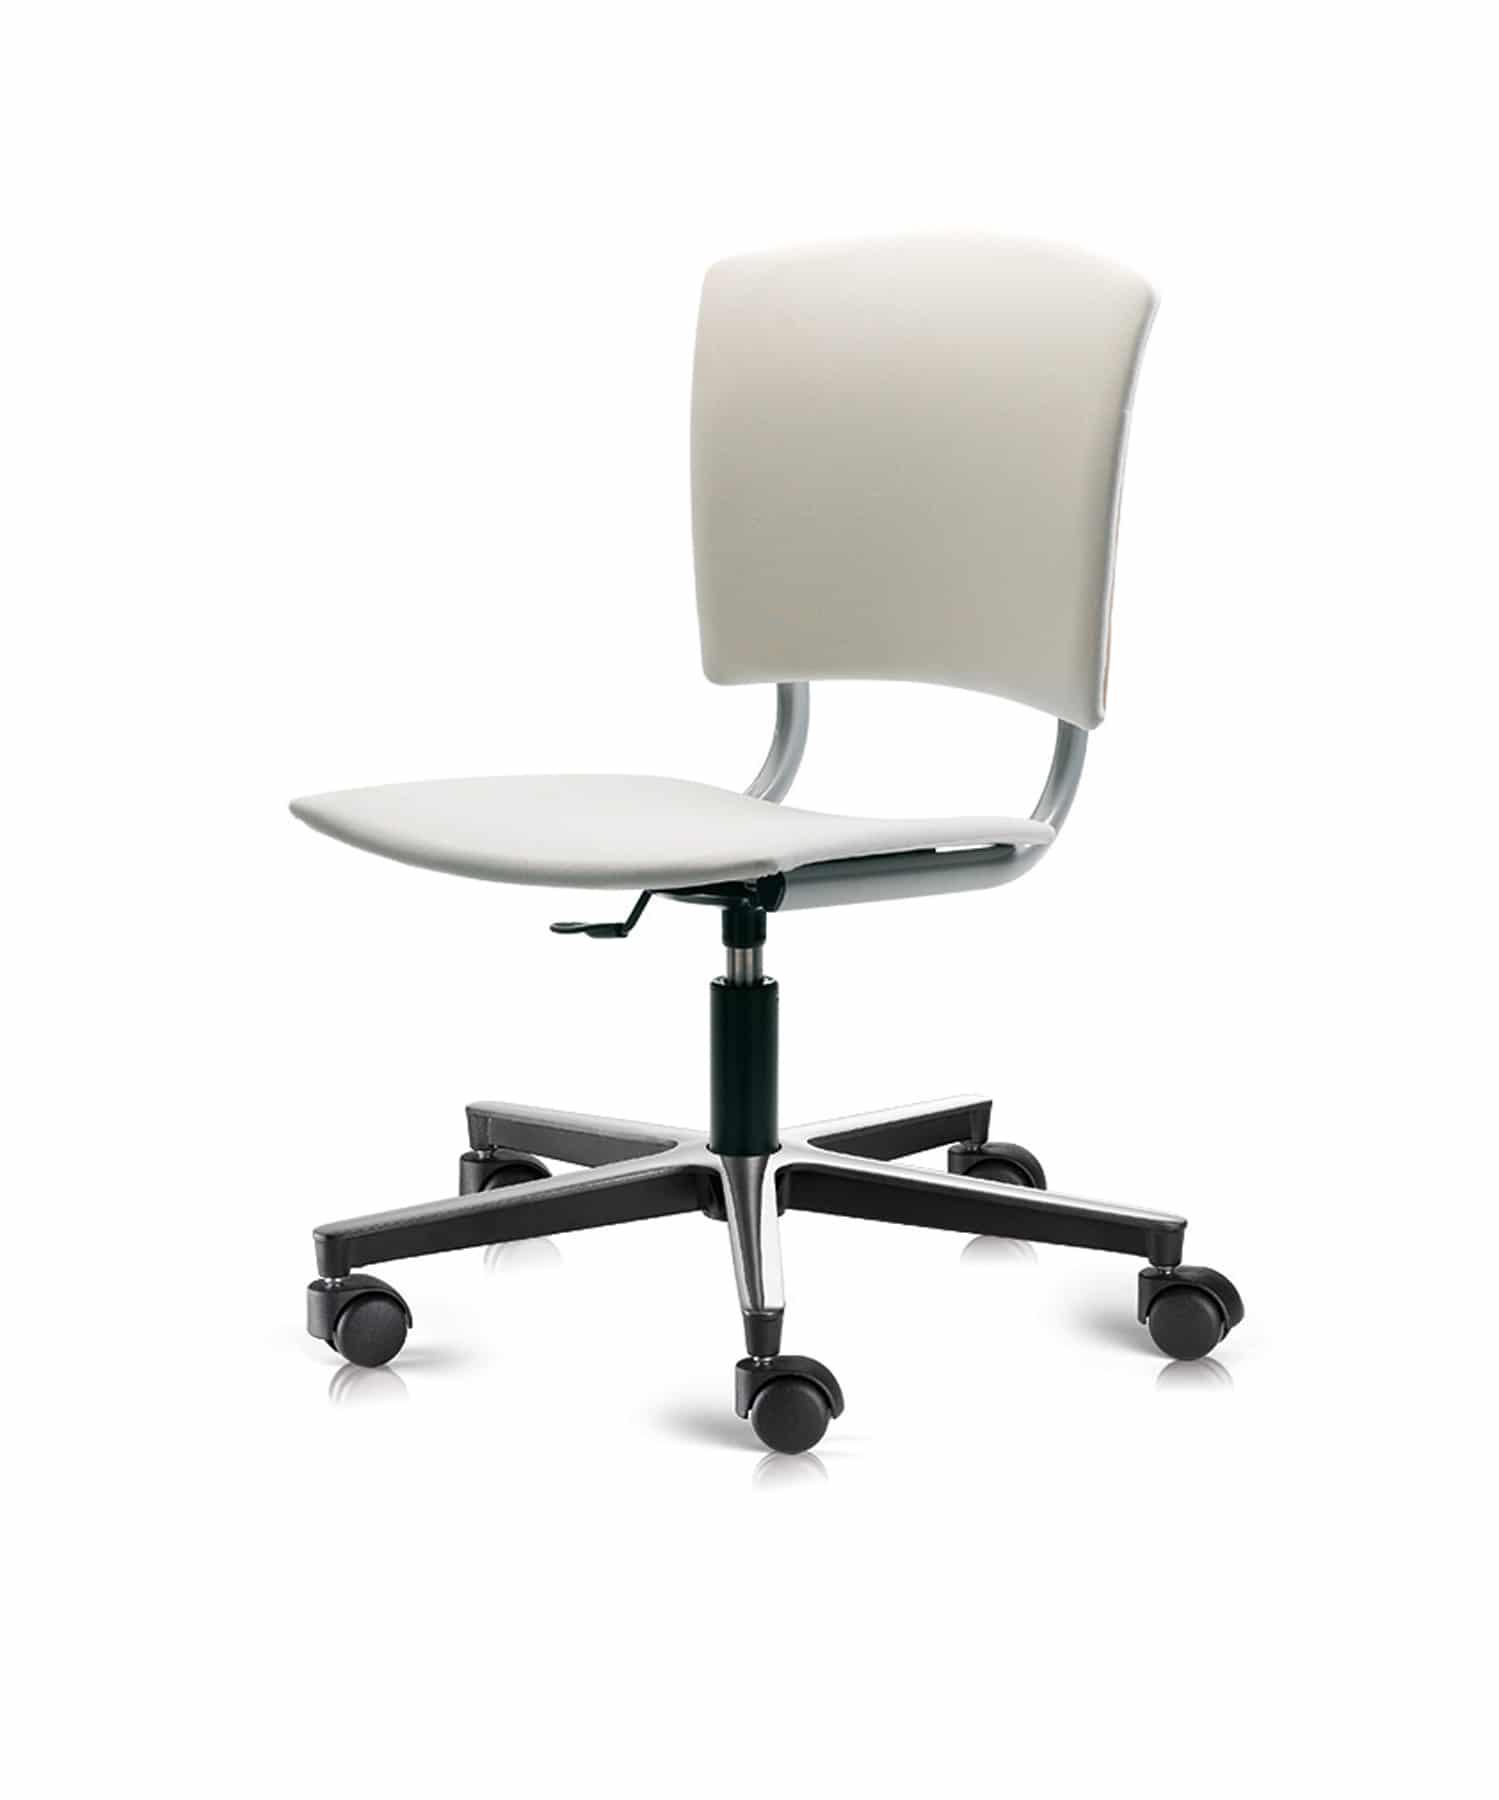 Eina office chair